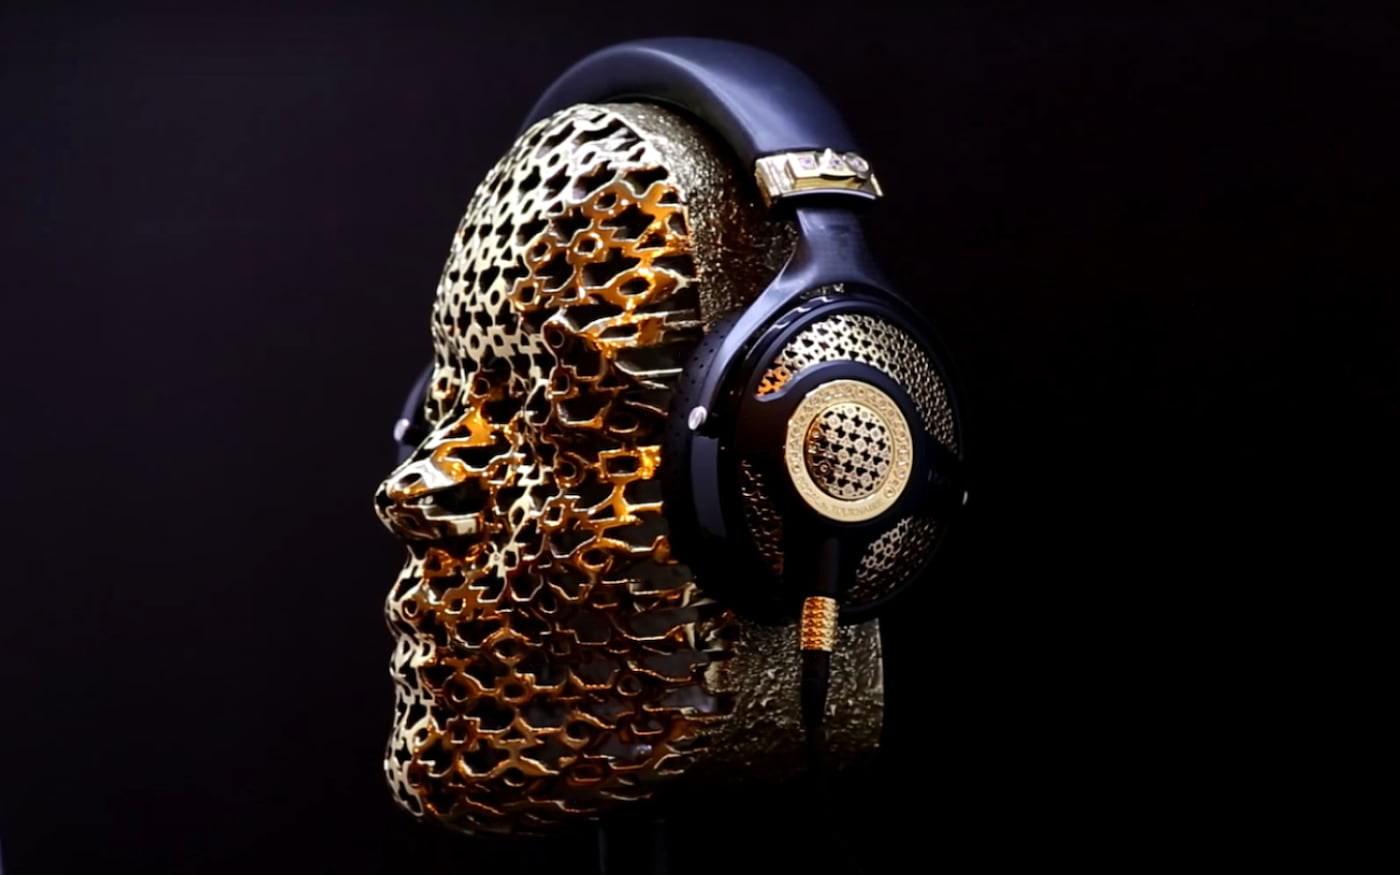 O que justifica o preço cobrado por fones de ouvido mais caros?